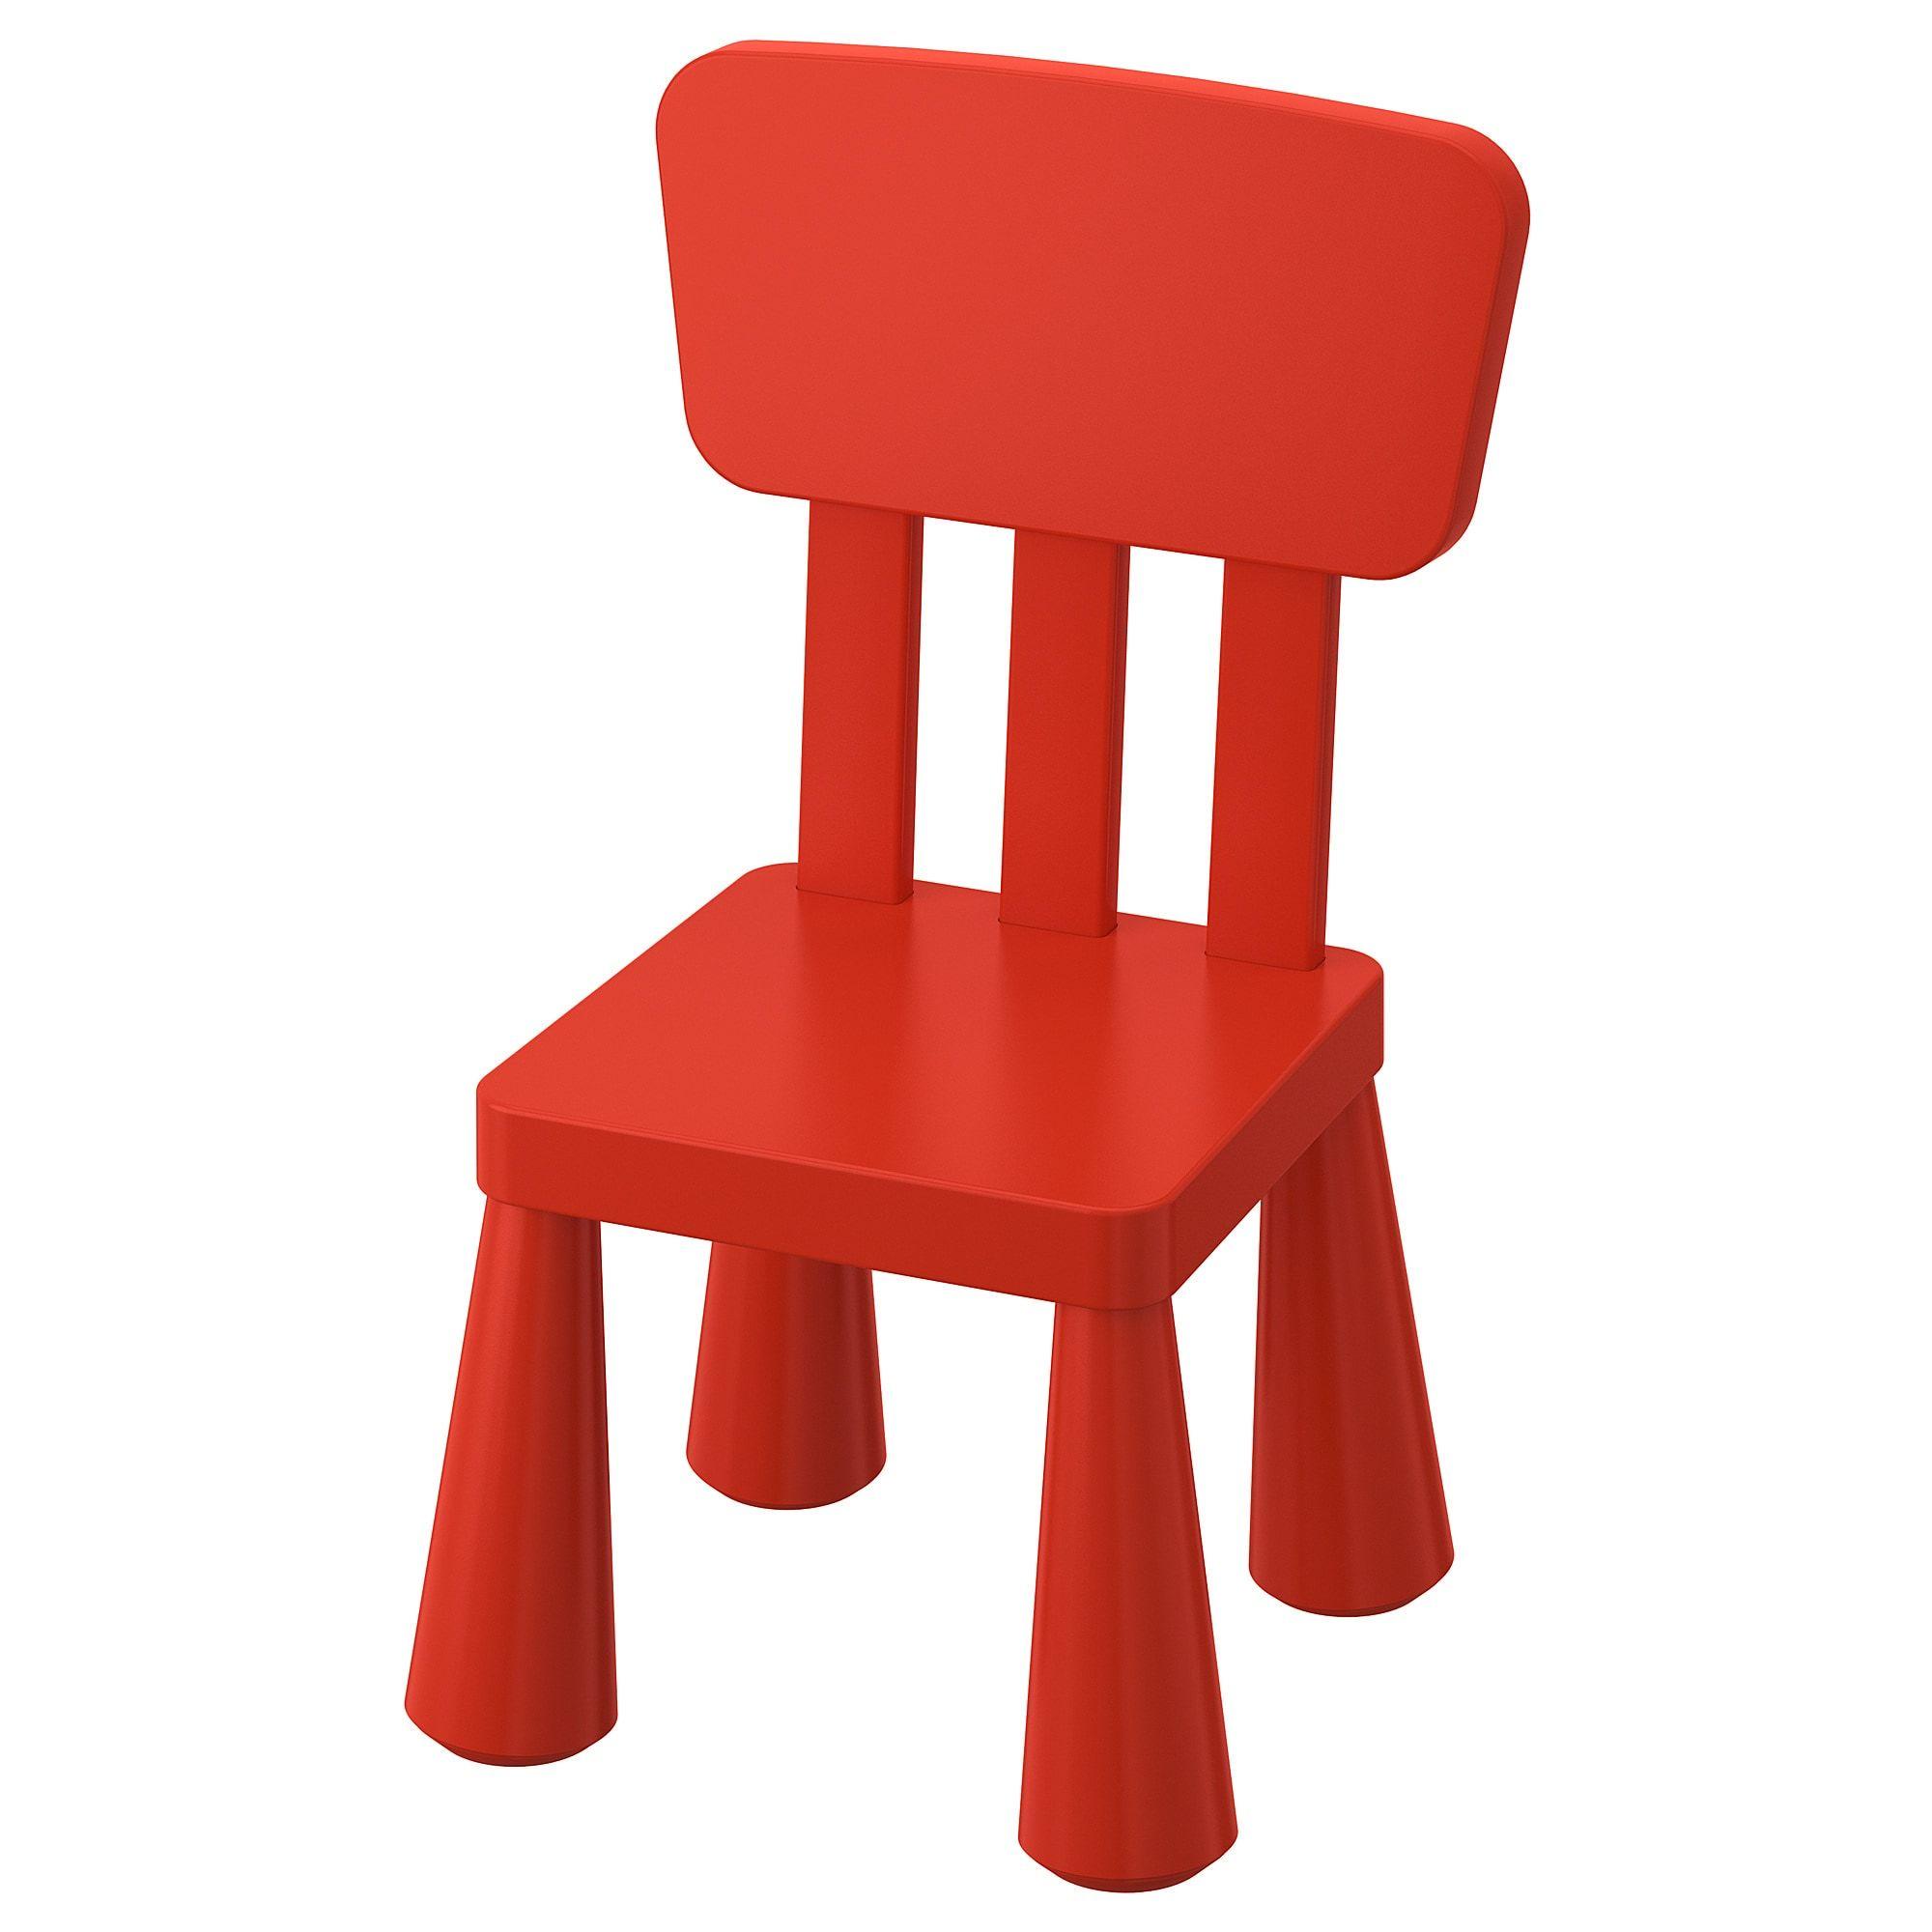 Ikea Mammut Indoor Outdoor Red Children S Chair In 2020 Ikea